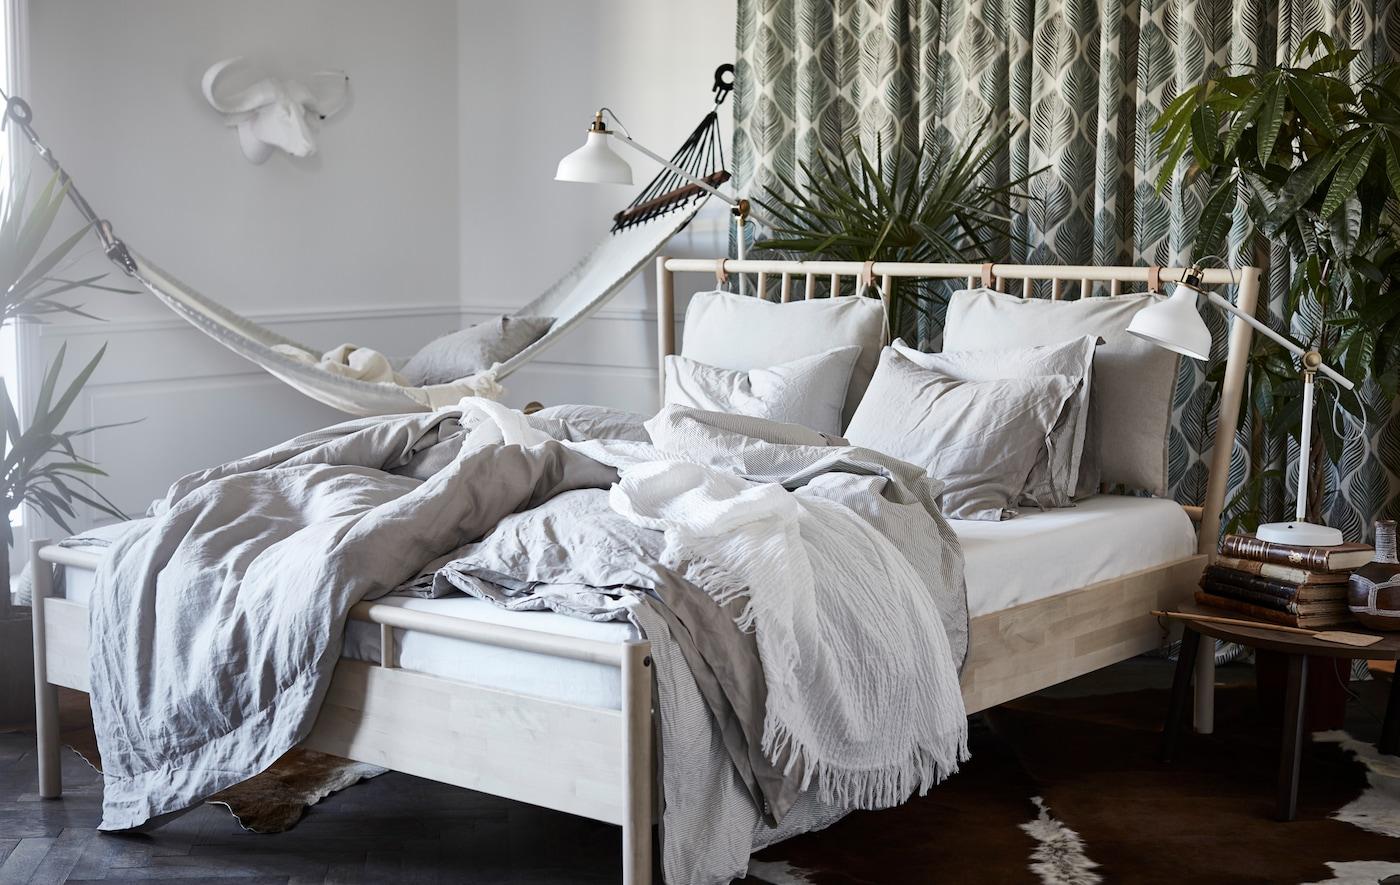 Ikea Idee Per La Camera Da Letto : Idee ikea